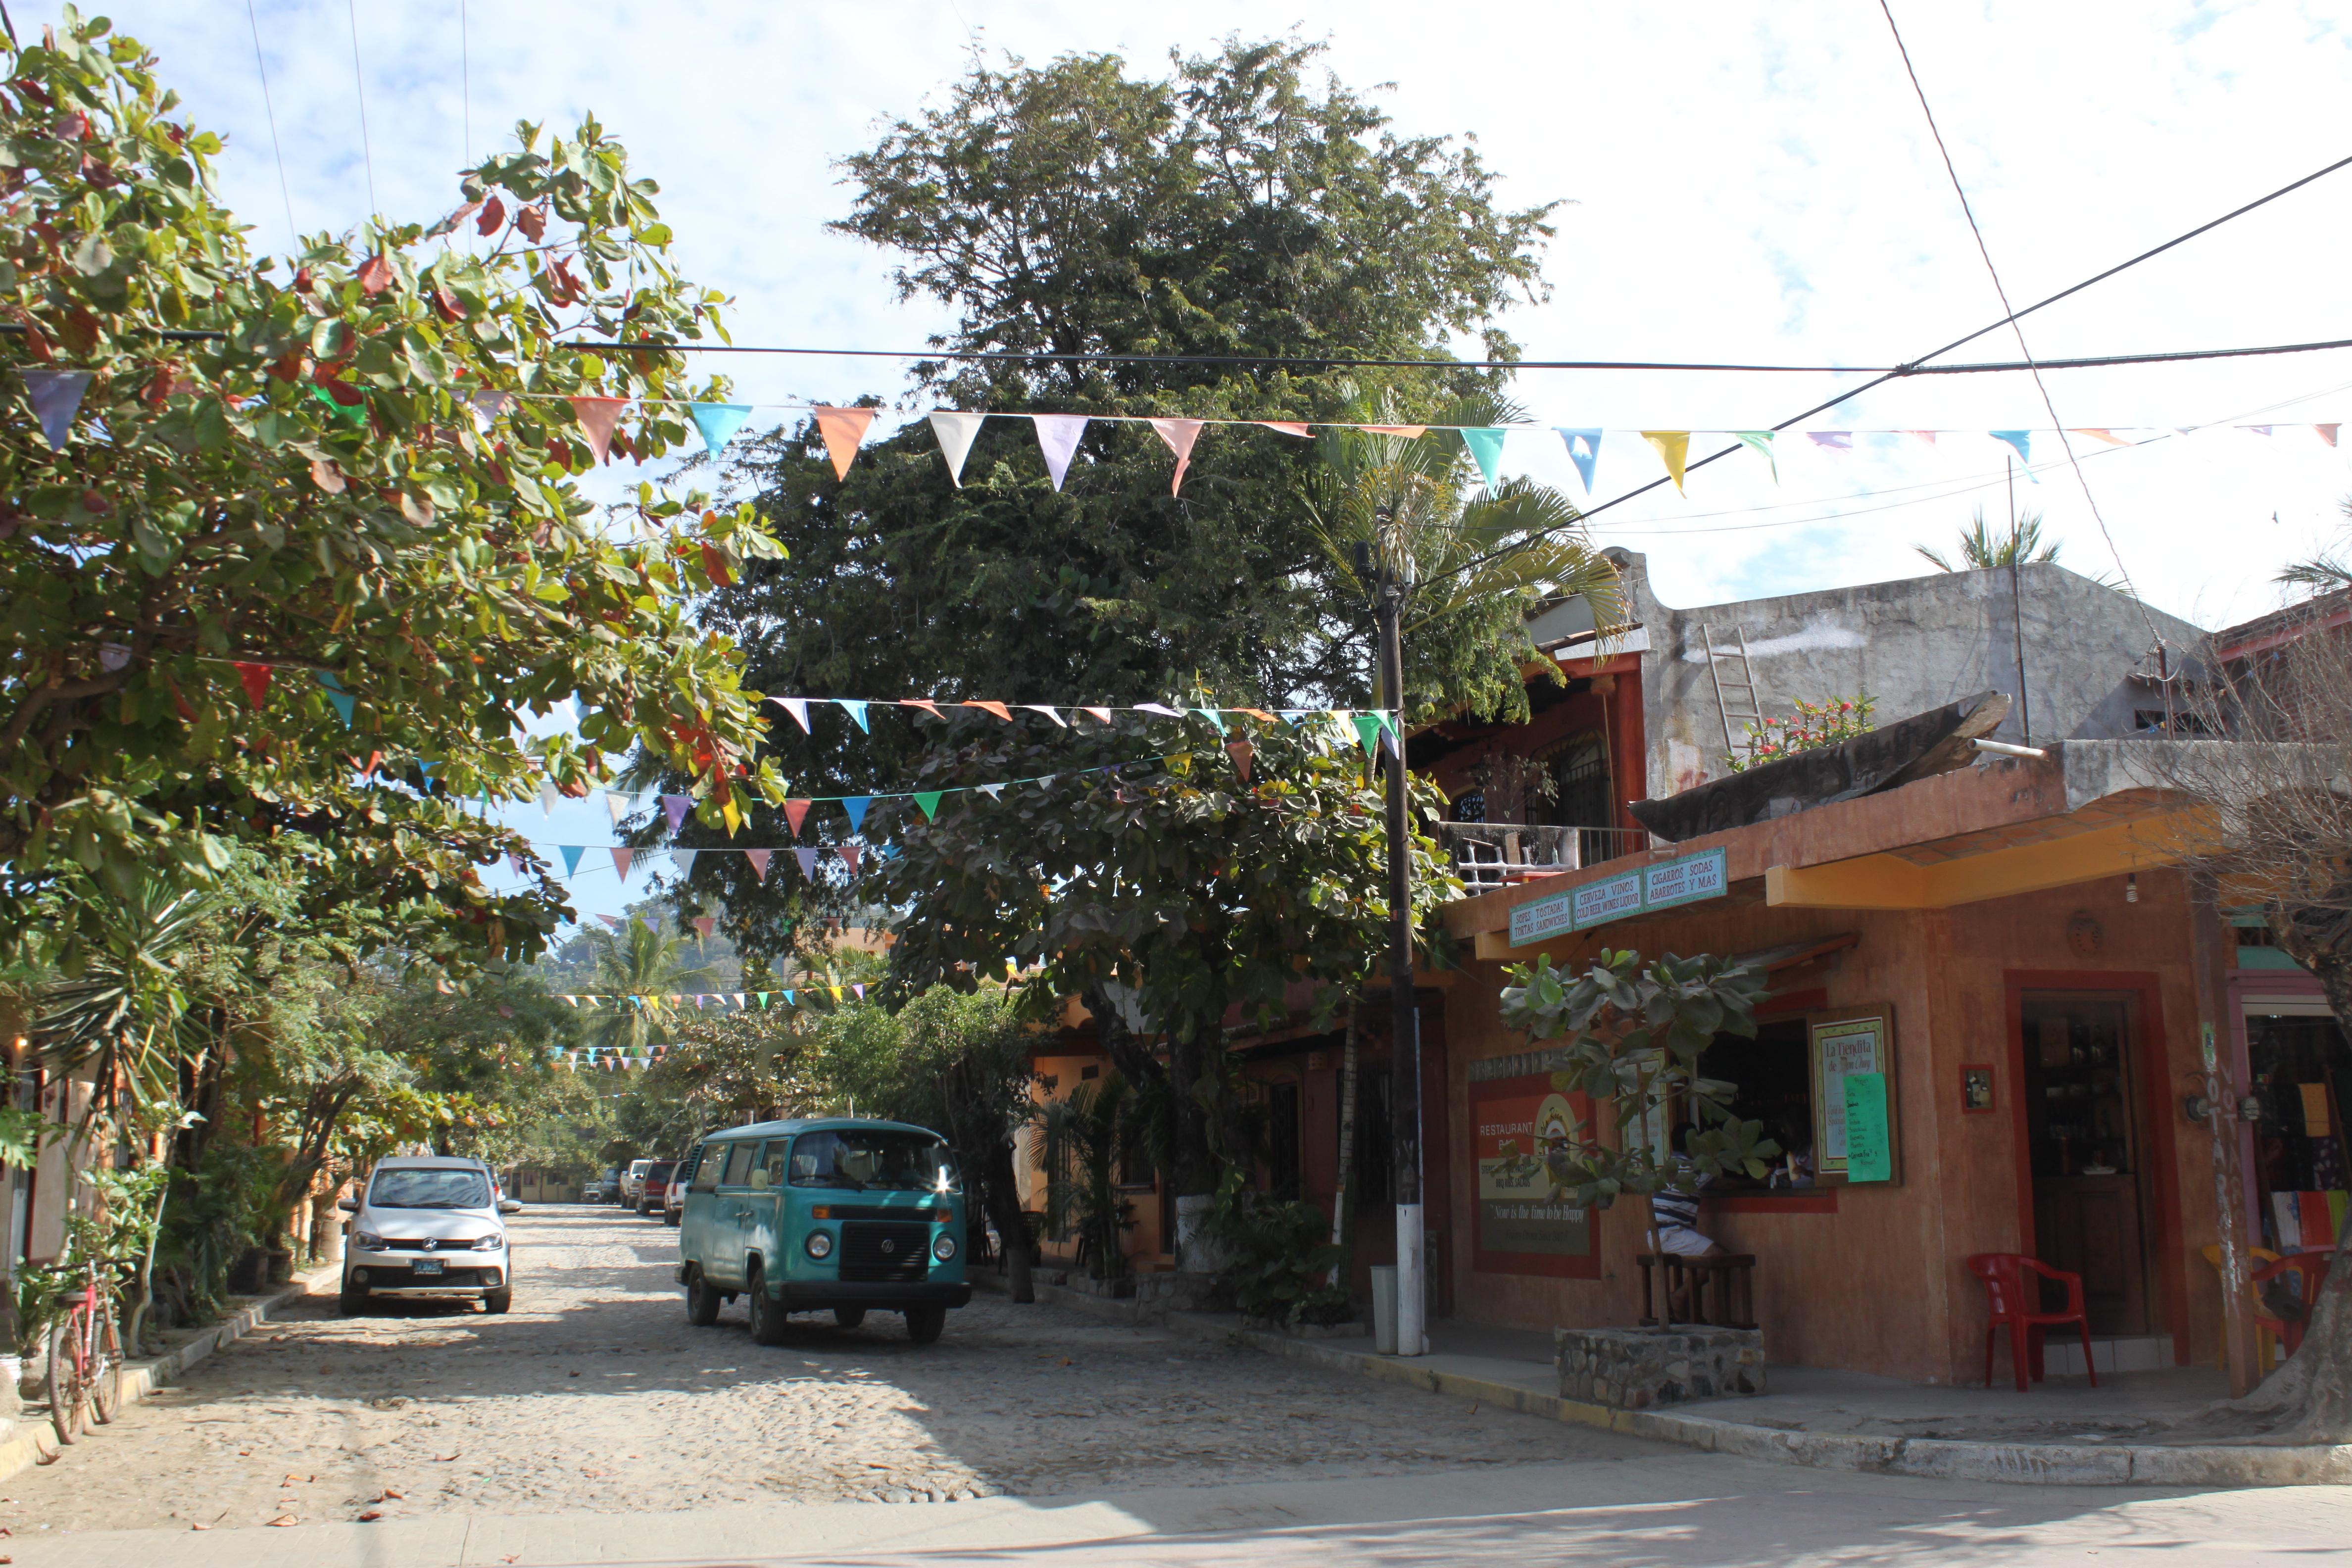 San Pancho Street